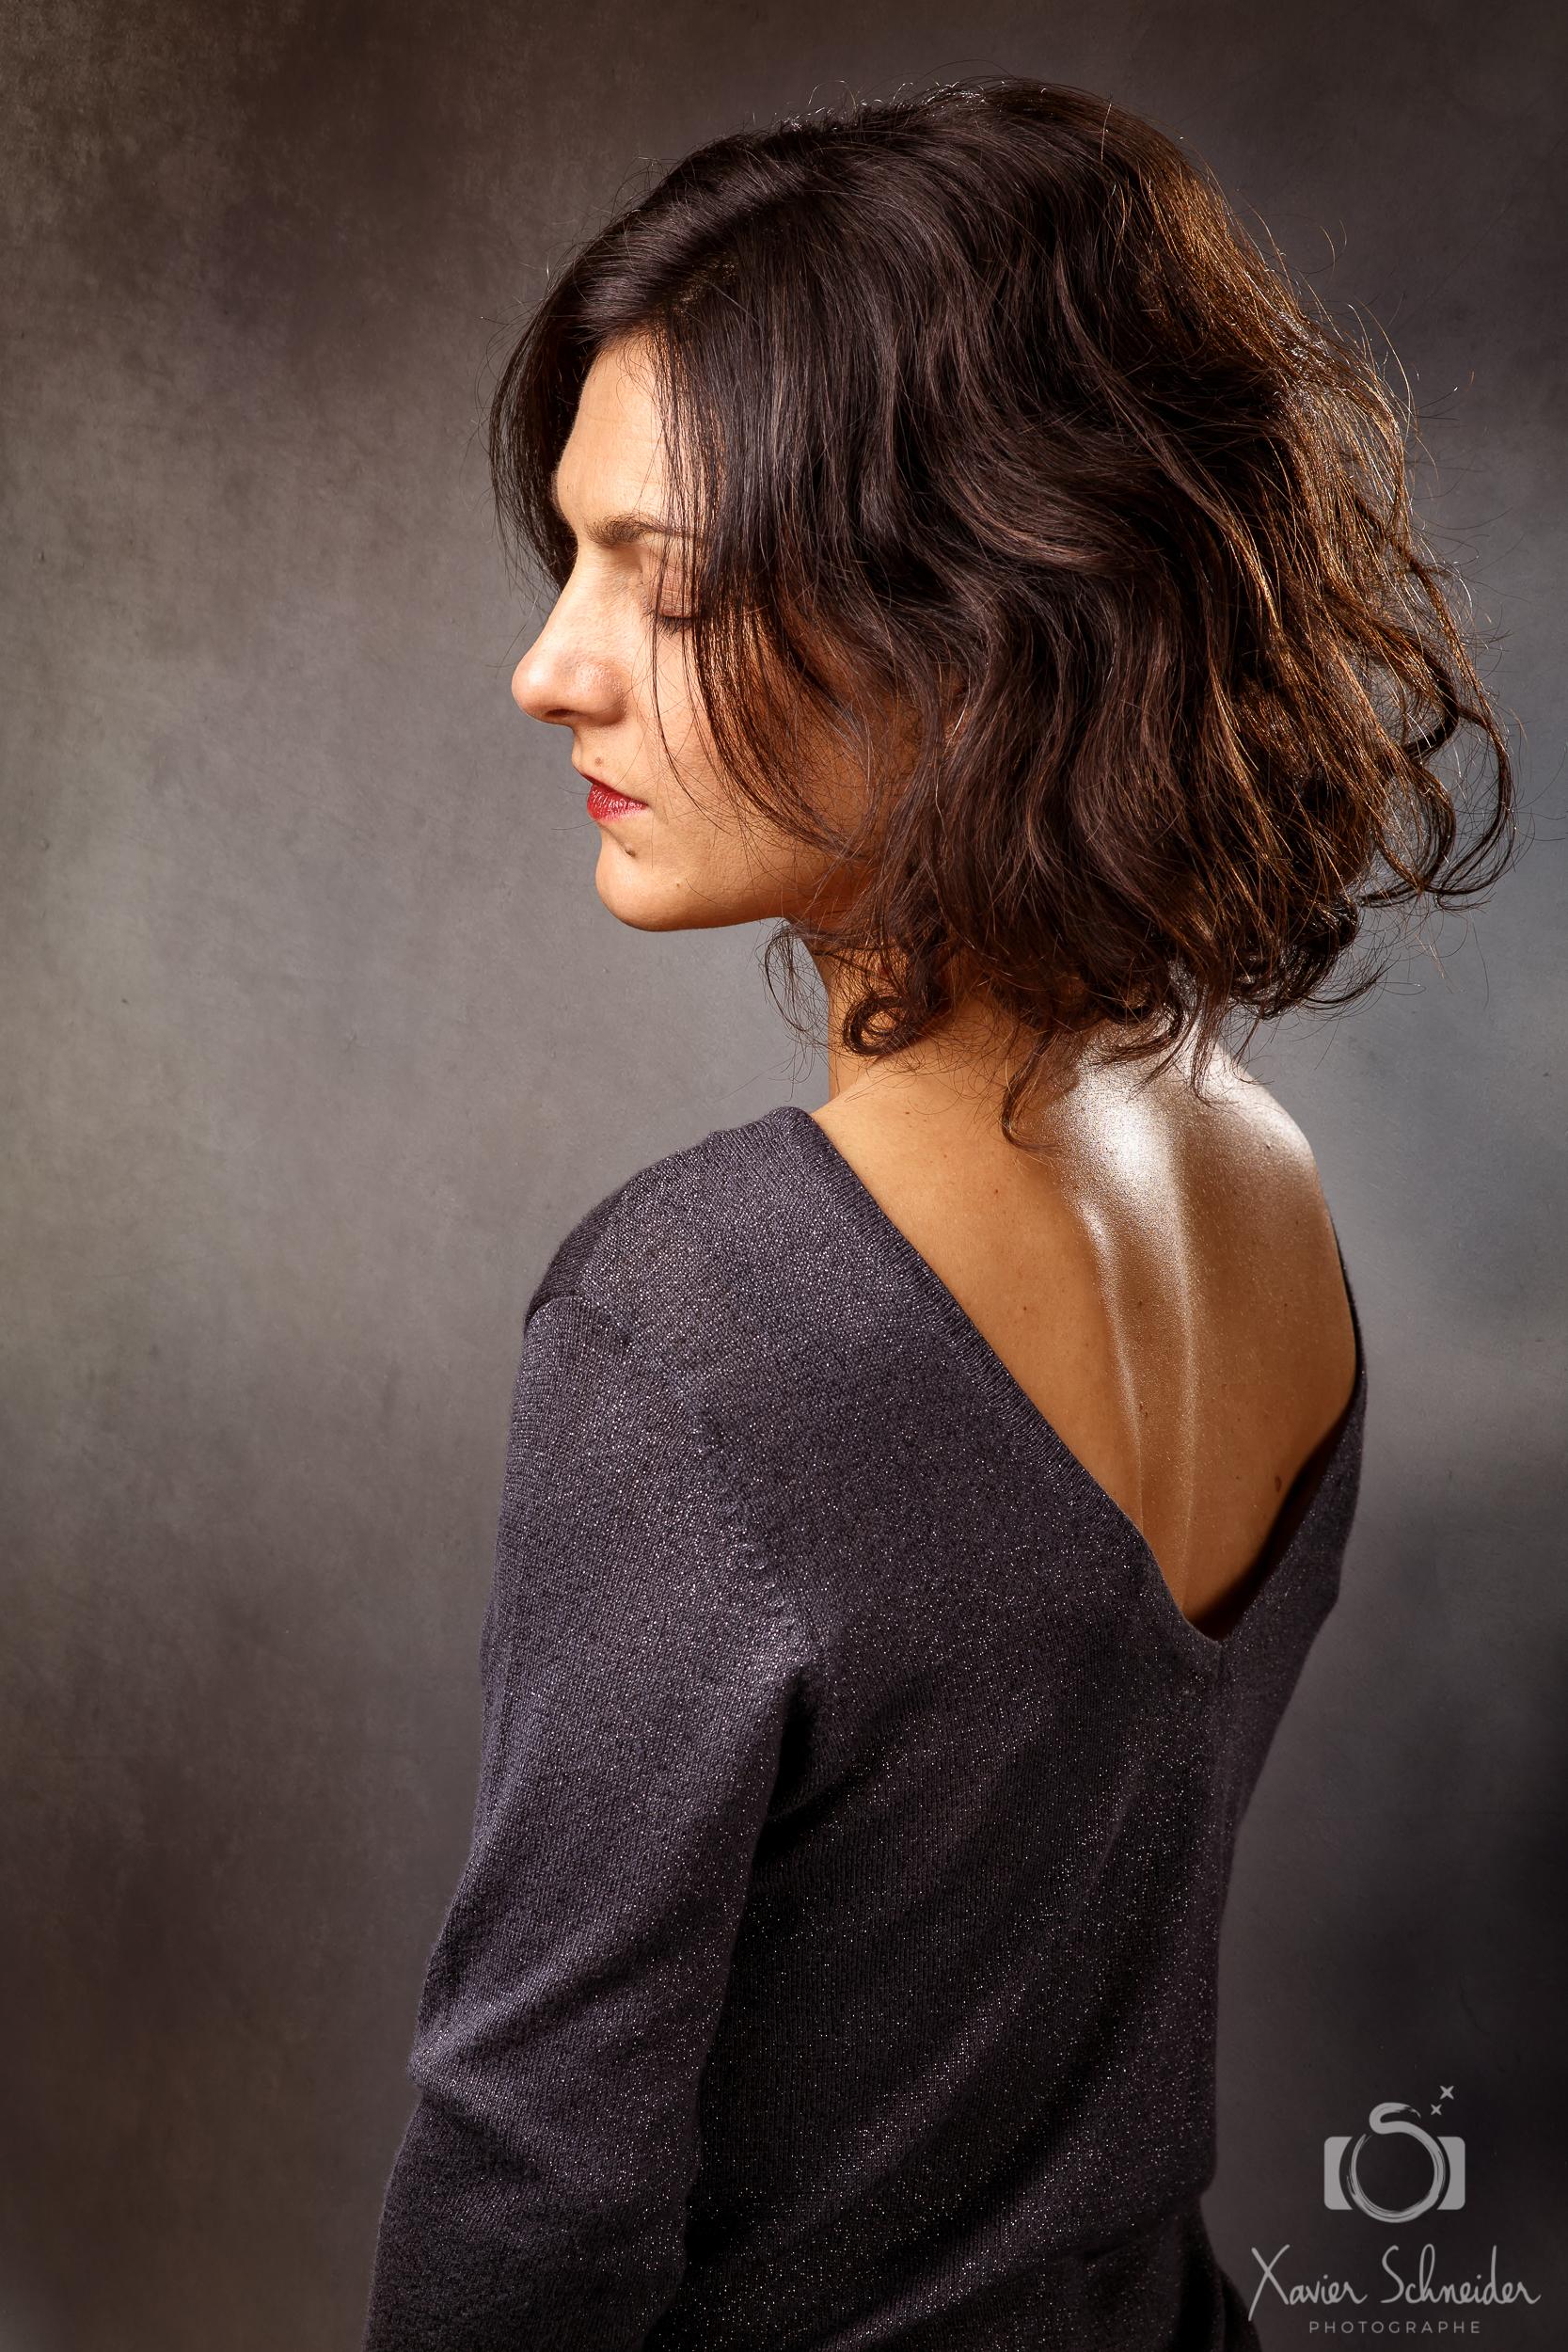 portrait femme creatif fond texturé